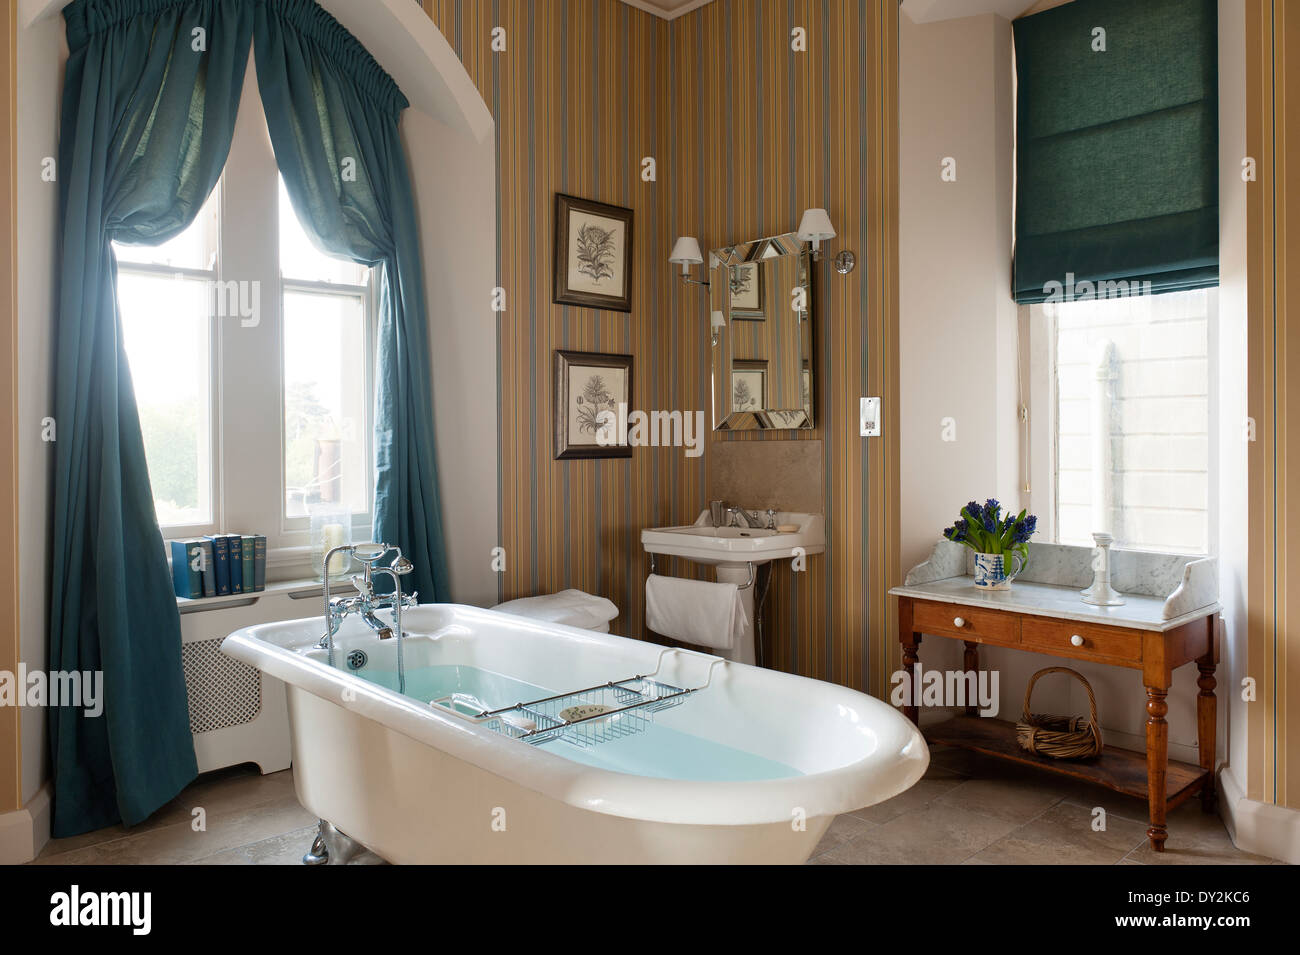 Frei Stehende Roll Top Badewanne Im Badezimmer Mit Gestreiften